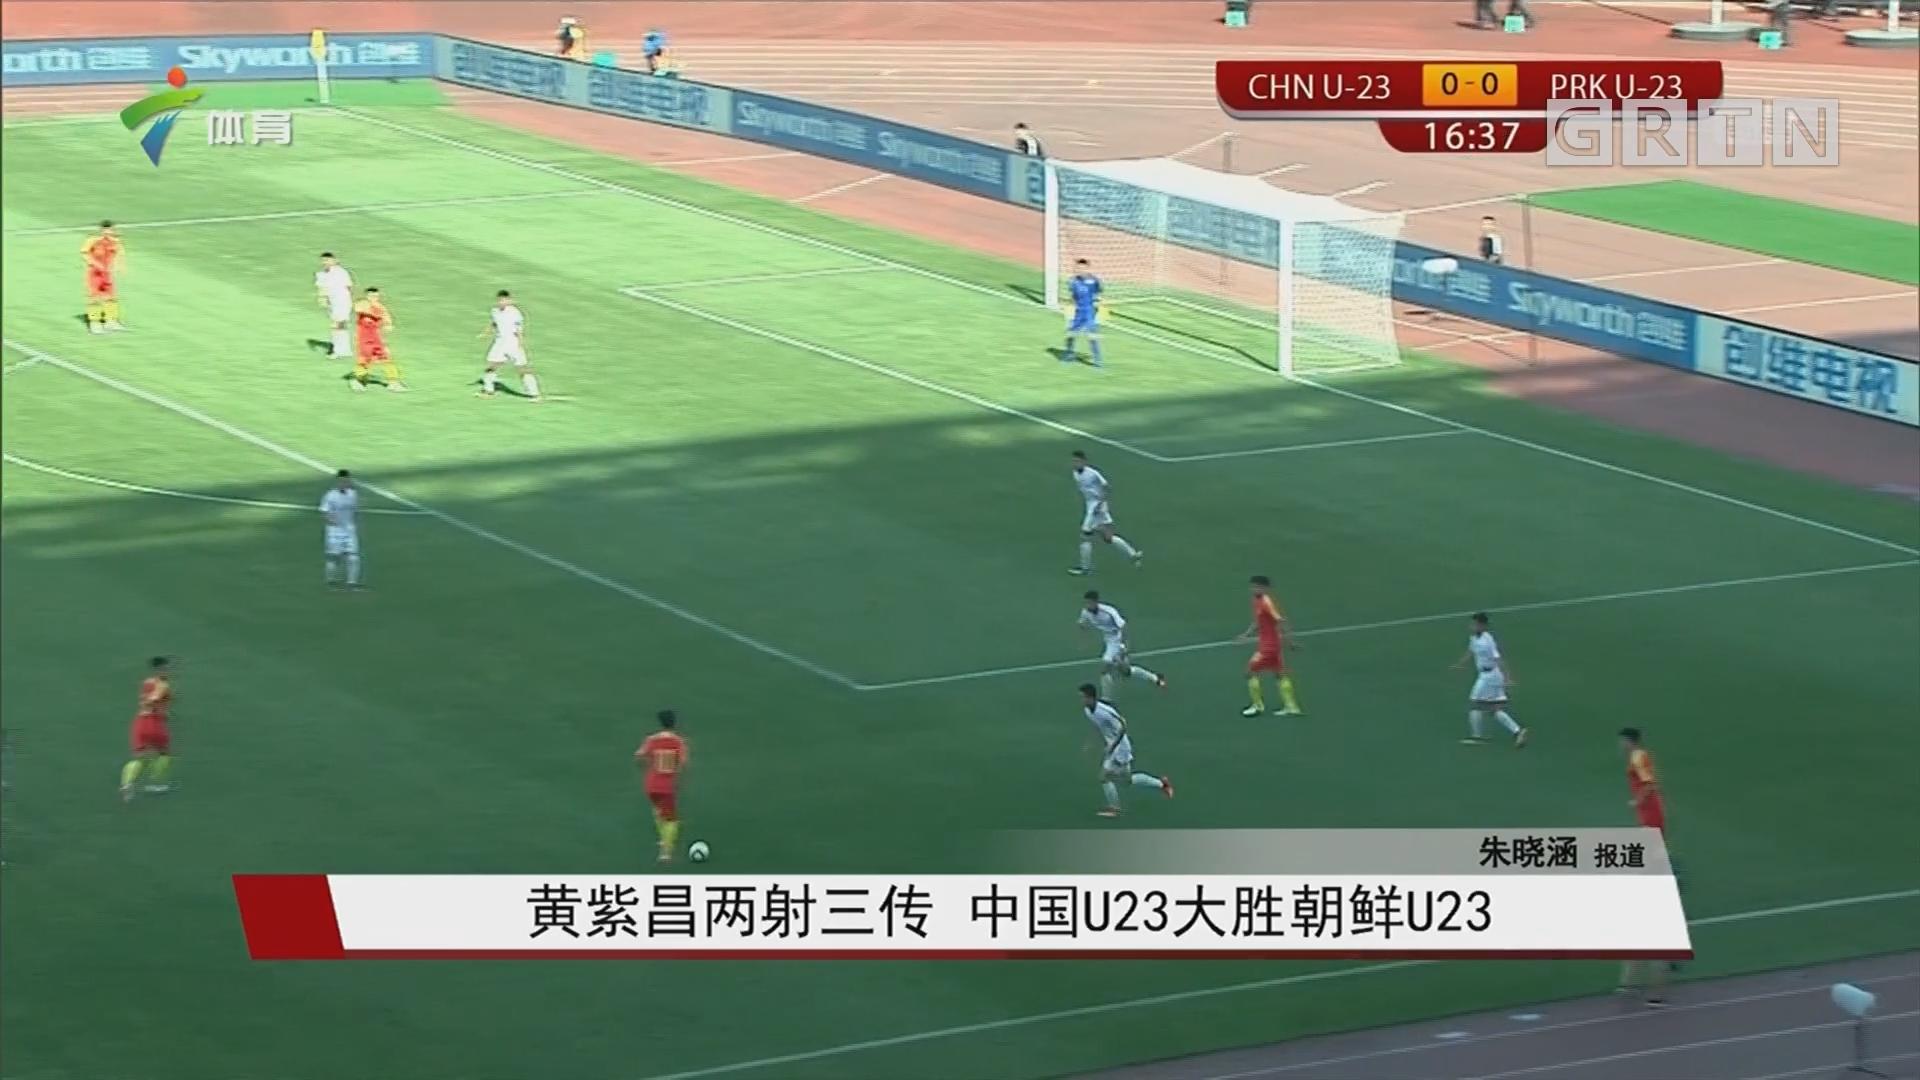 黄紫昌两射三传 中国U23大胜朝鲜U23